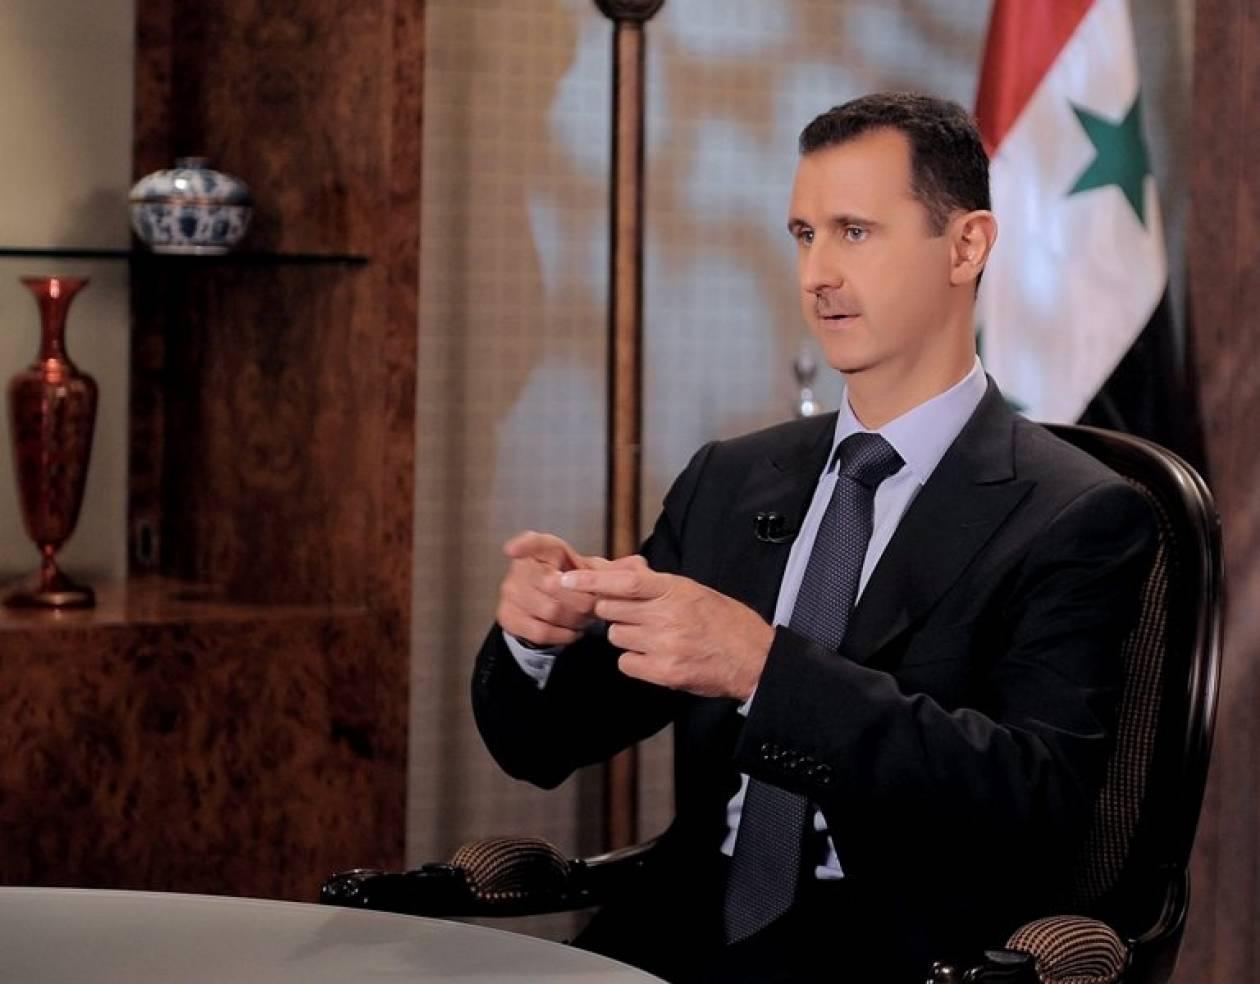 Εγκρίθηκαν οι κυρώσεις εις βάρος της Συρίας